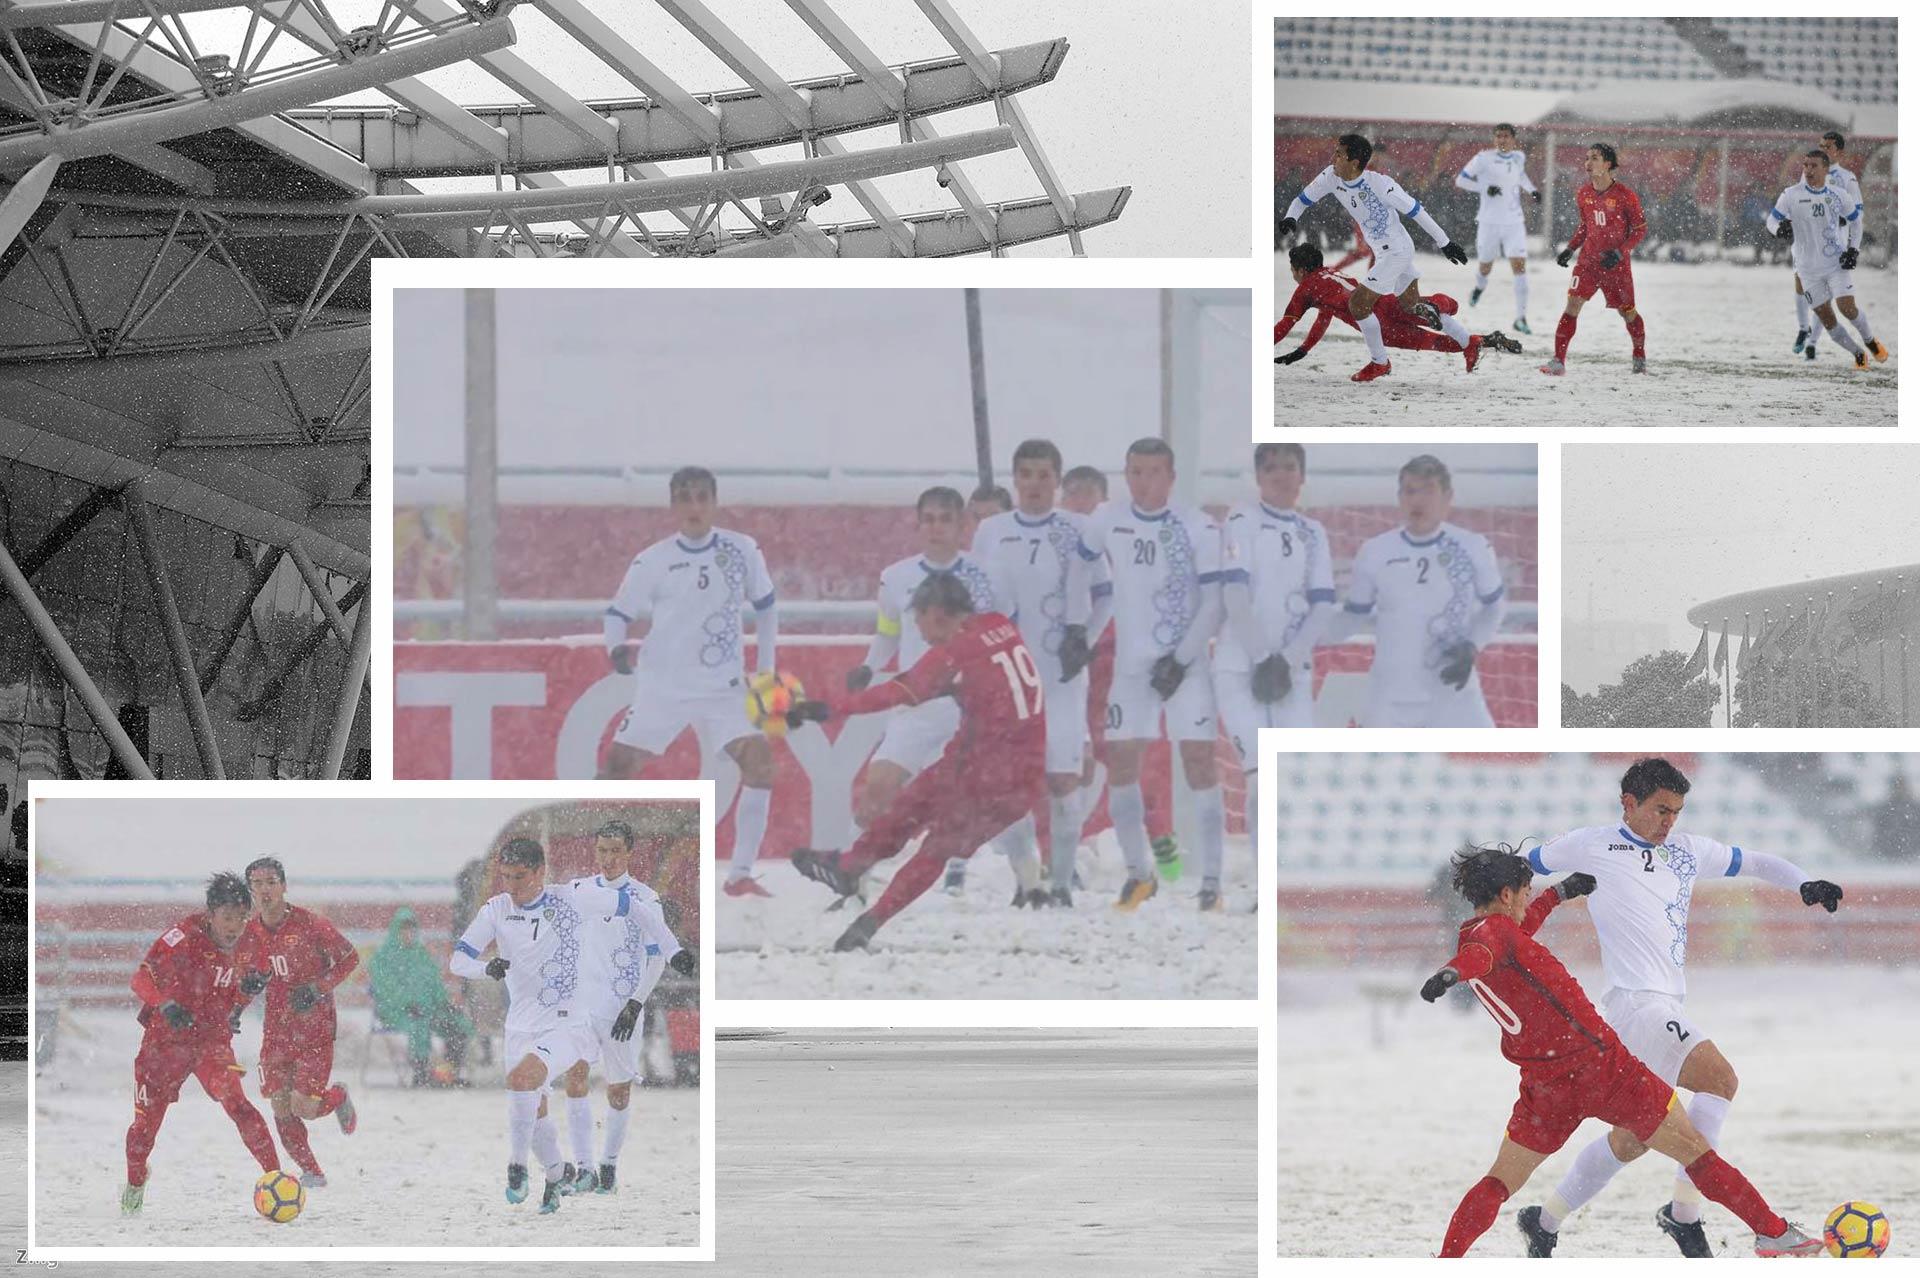 Quang Hải – Ngôi sao trẻ & 2 khoảnh khắc kỳ diệu bóng đá Việt Nam - 14